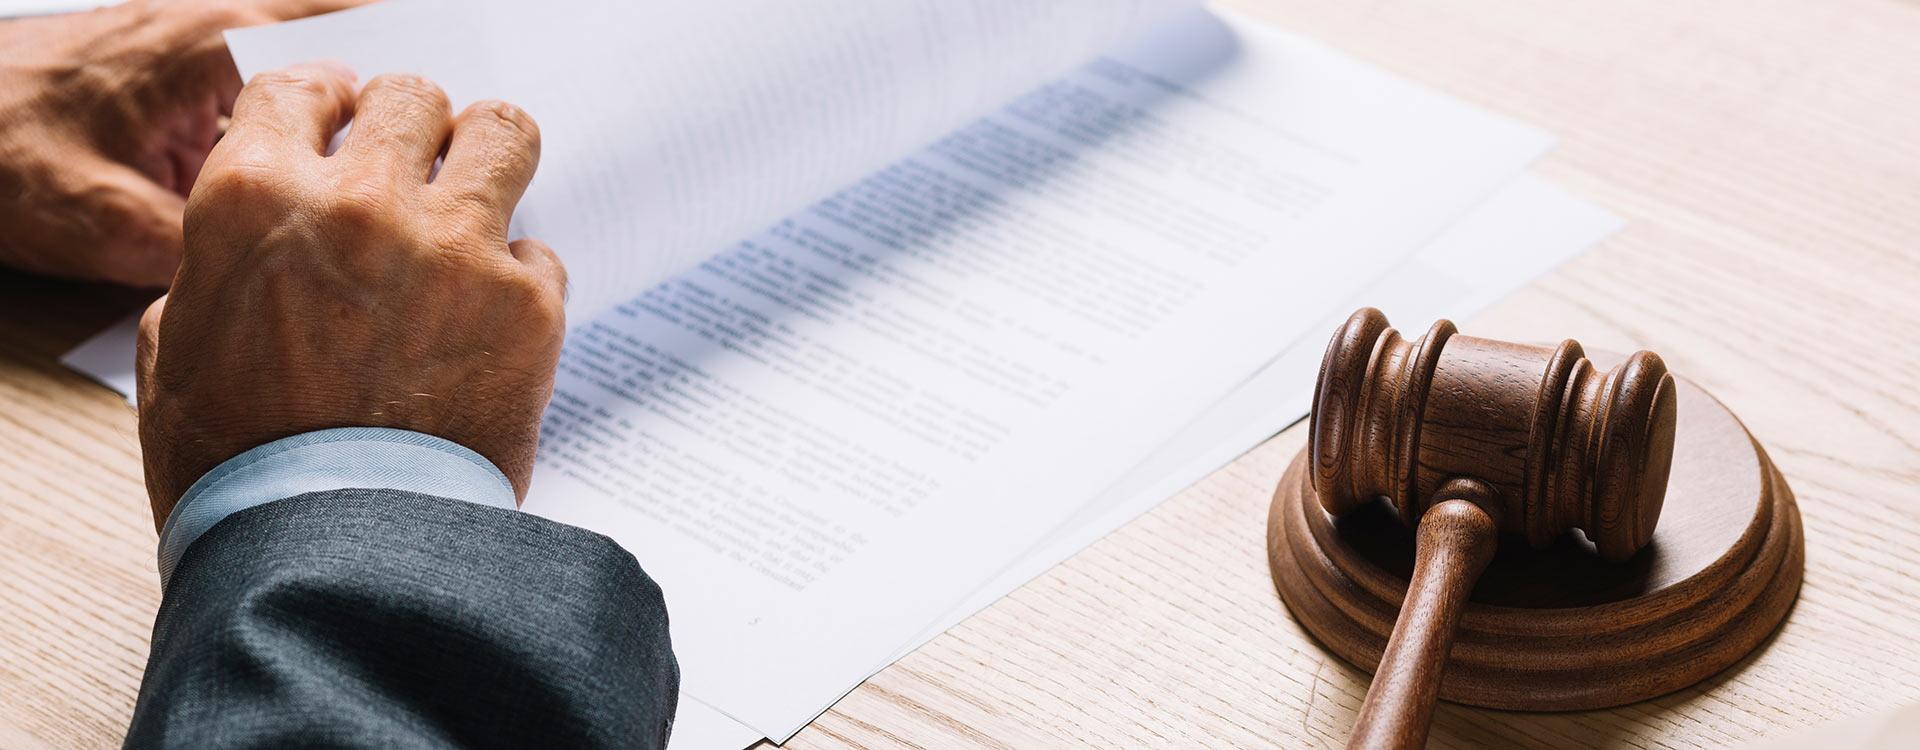 aequitasabogados-banca-frentejudicial-abogados-talavera